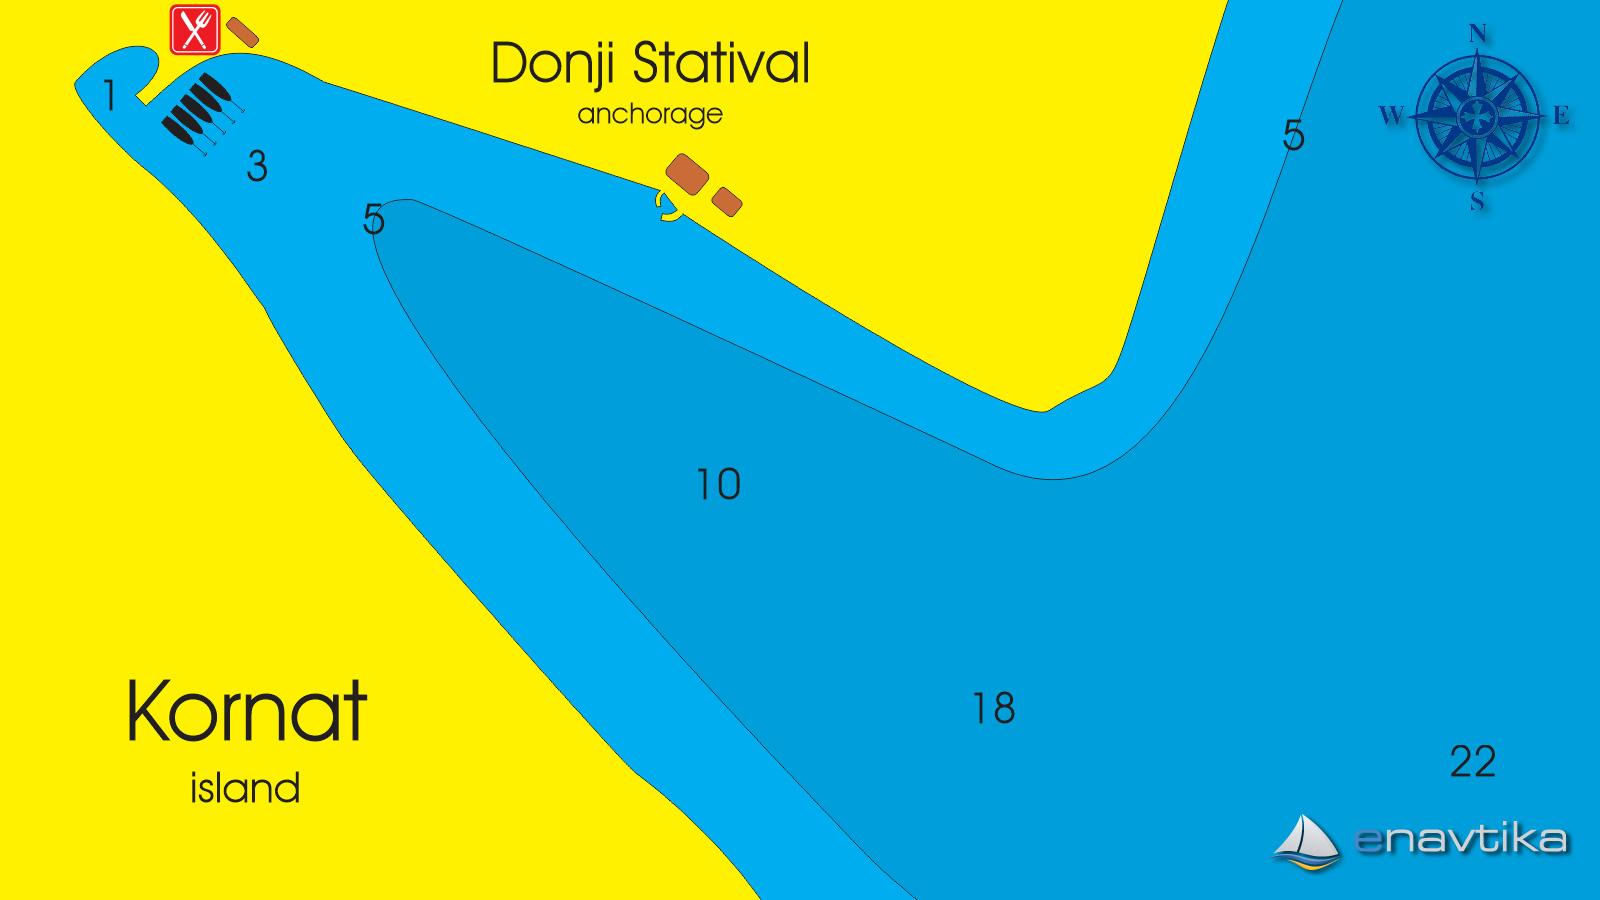 Slika Donji Statival 2